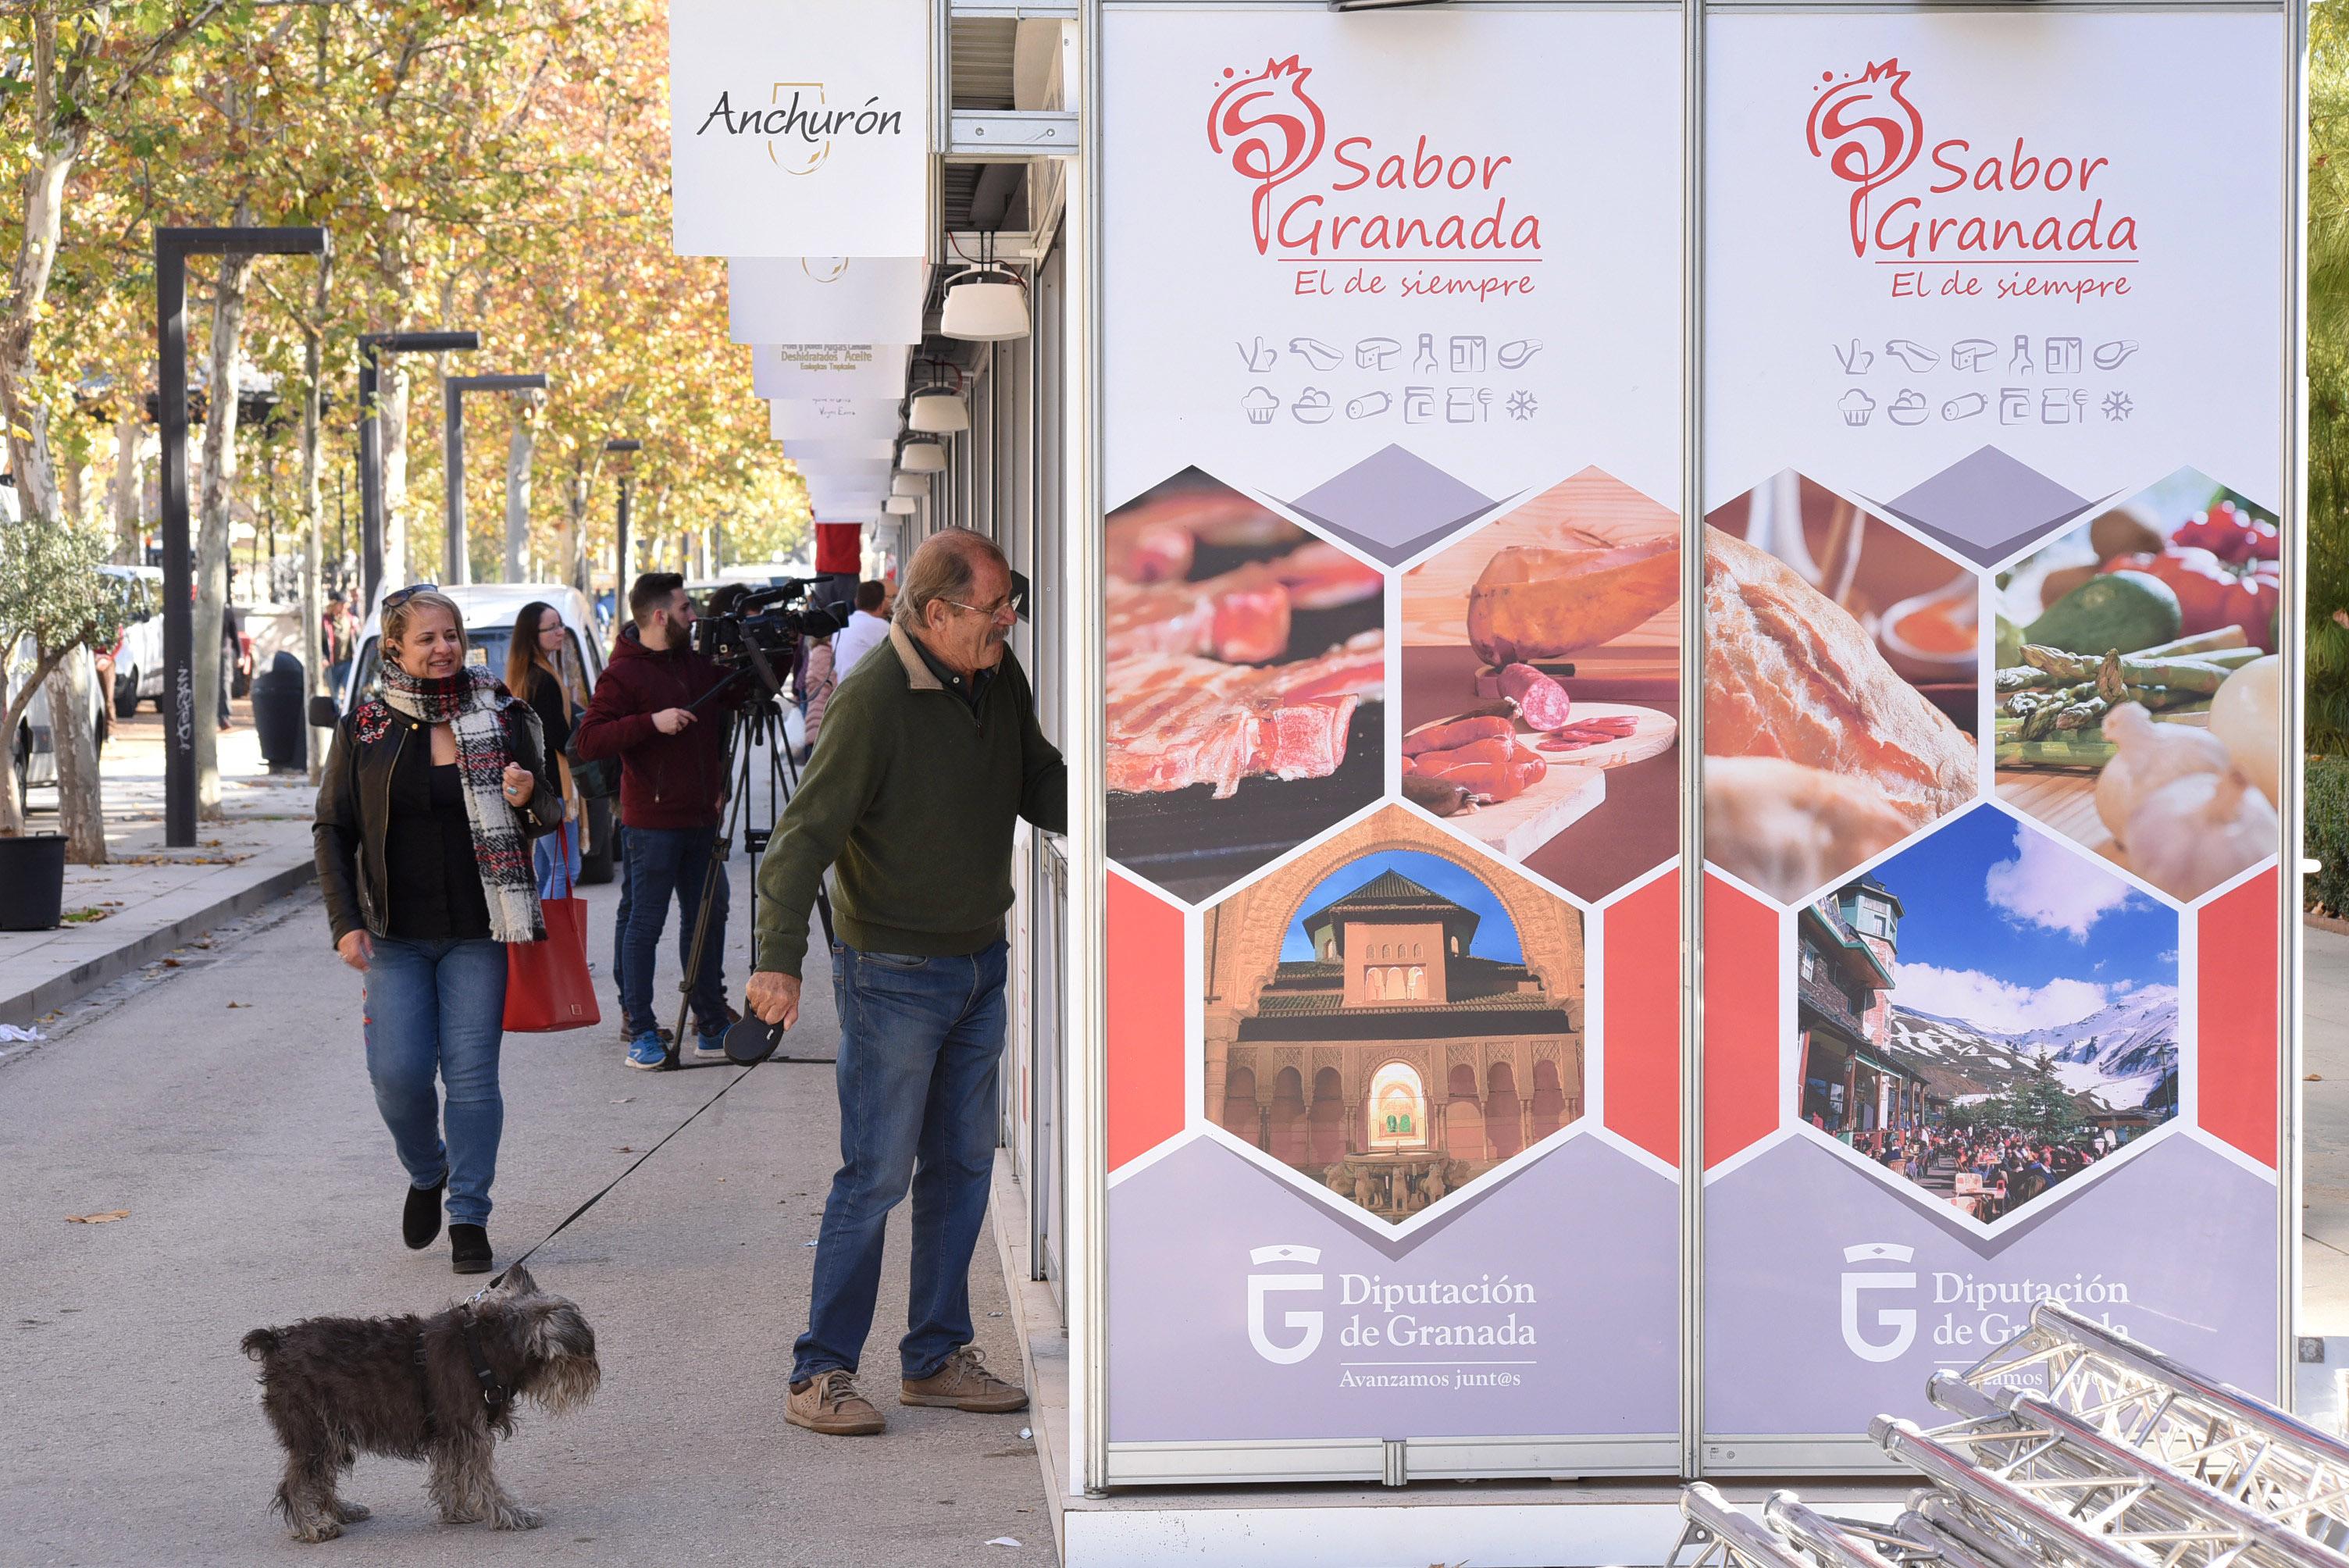 Los productos Sabor Granada se venderán en mercados comarcales por toda la provincia